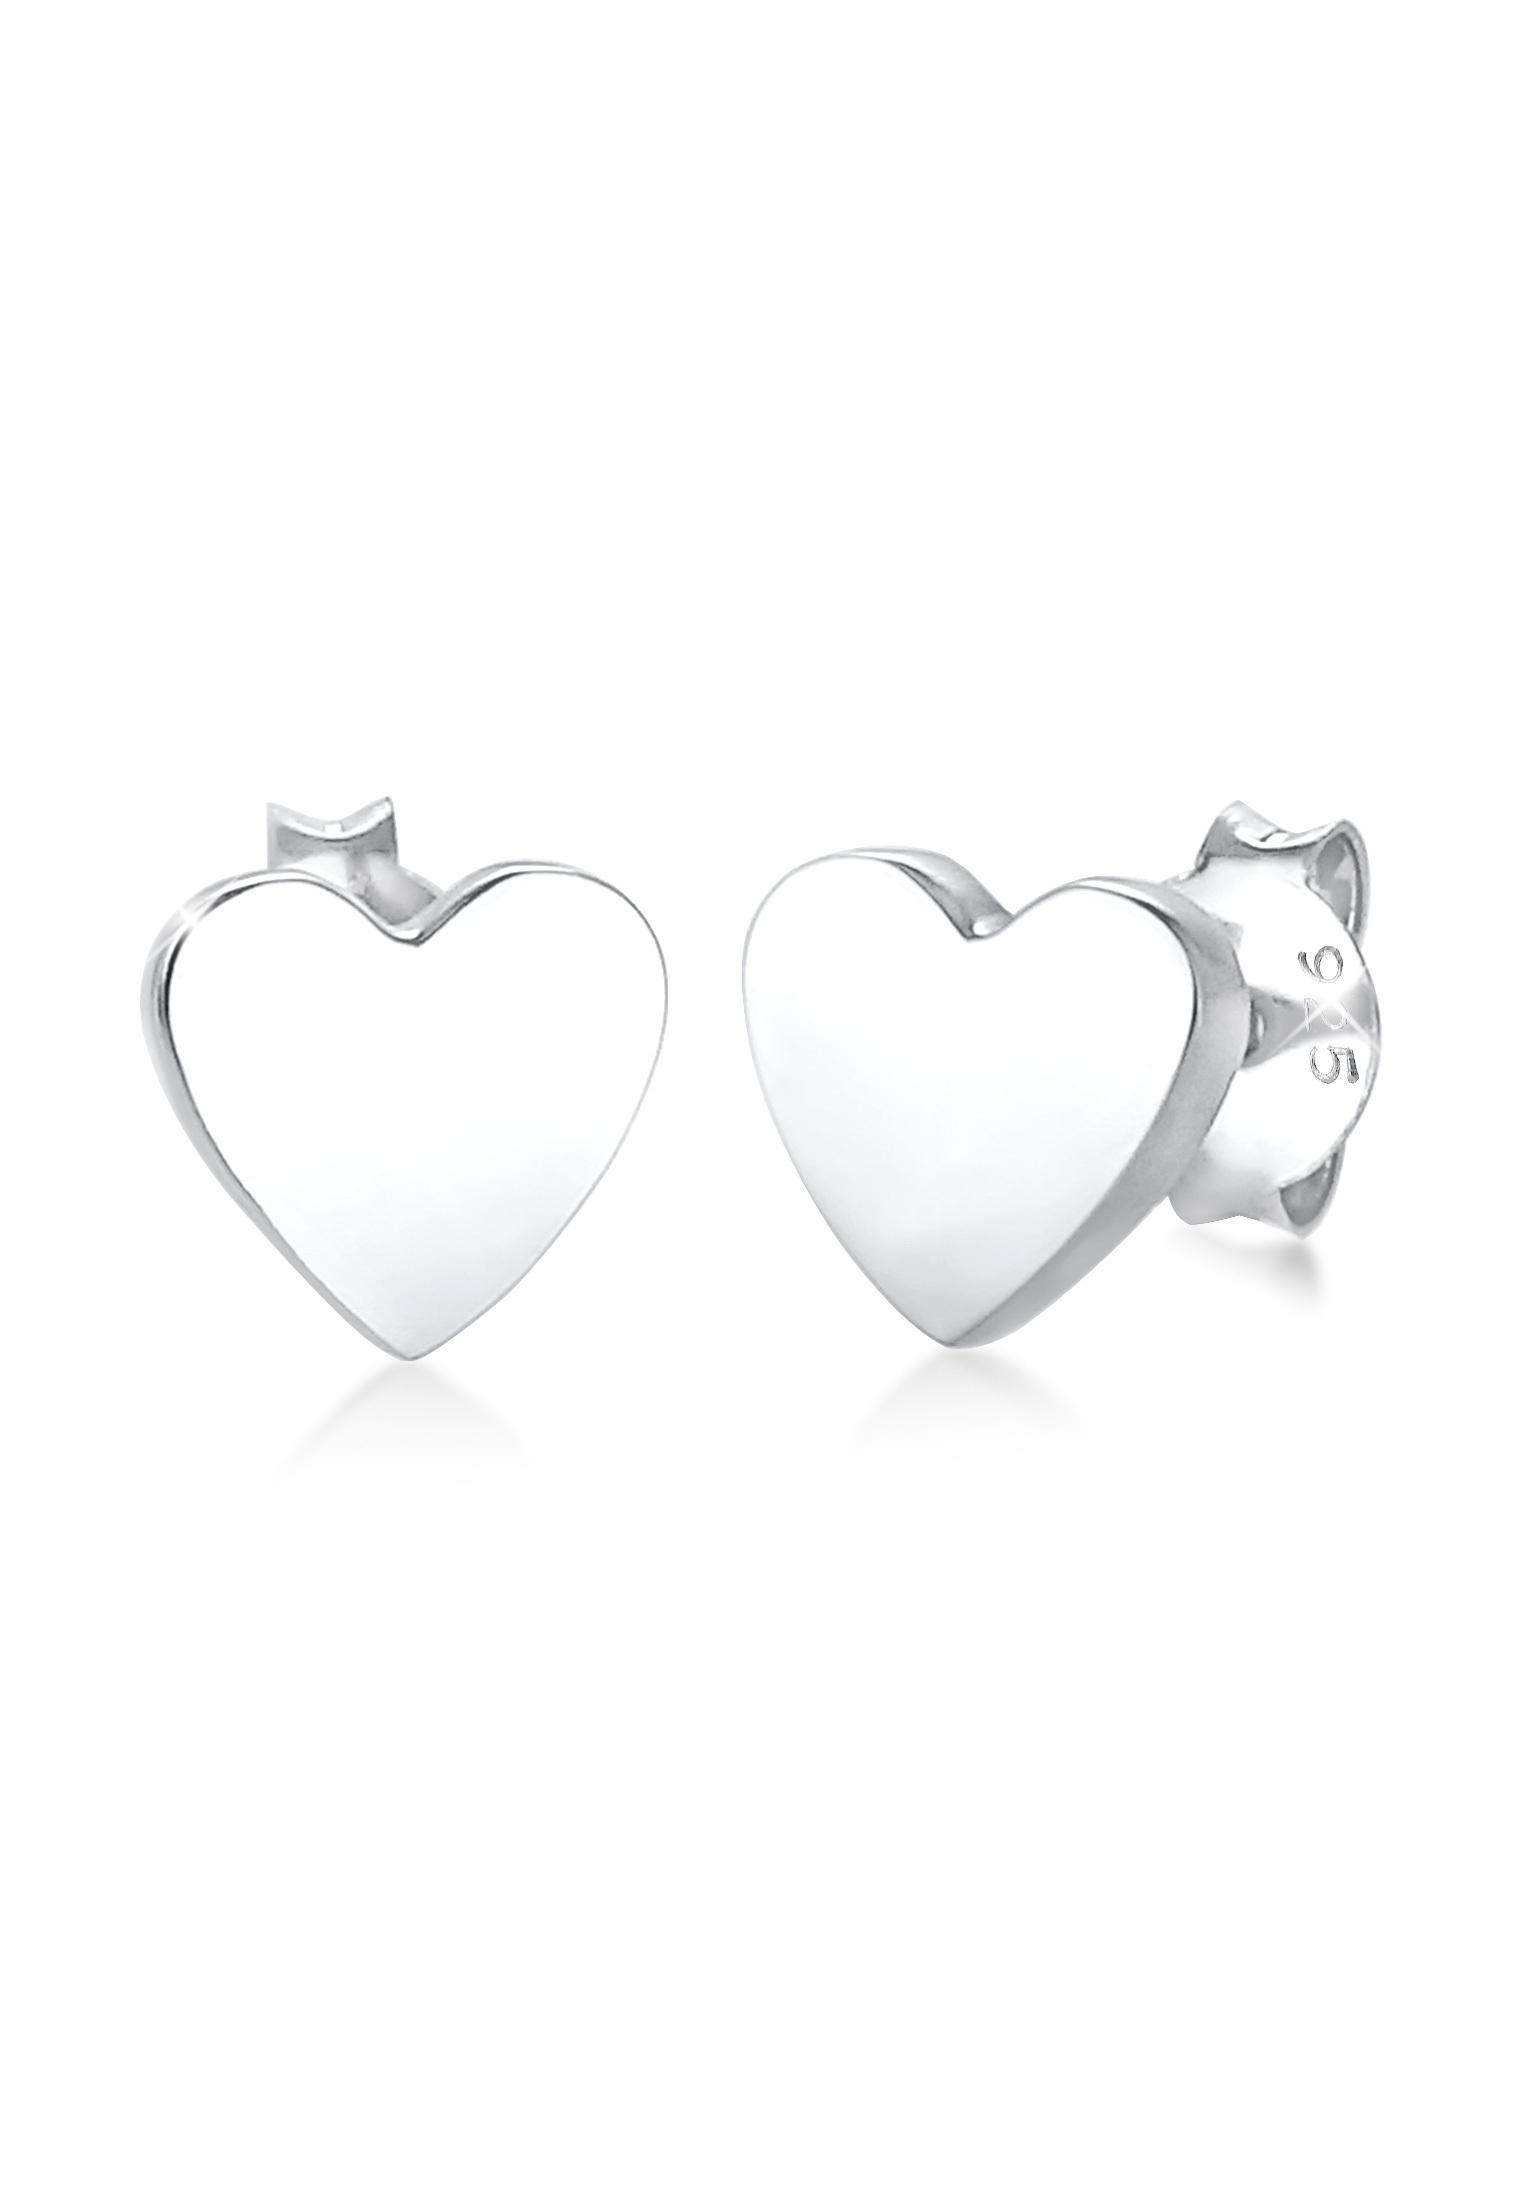 Ohrring Herz | 925er Sterling Silber